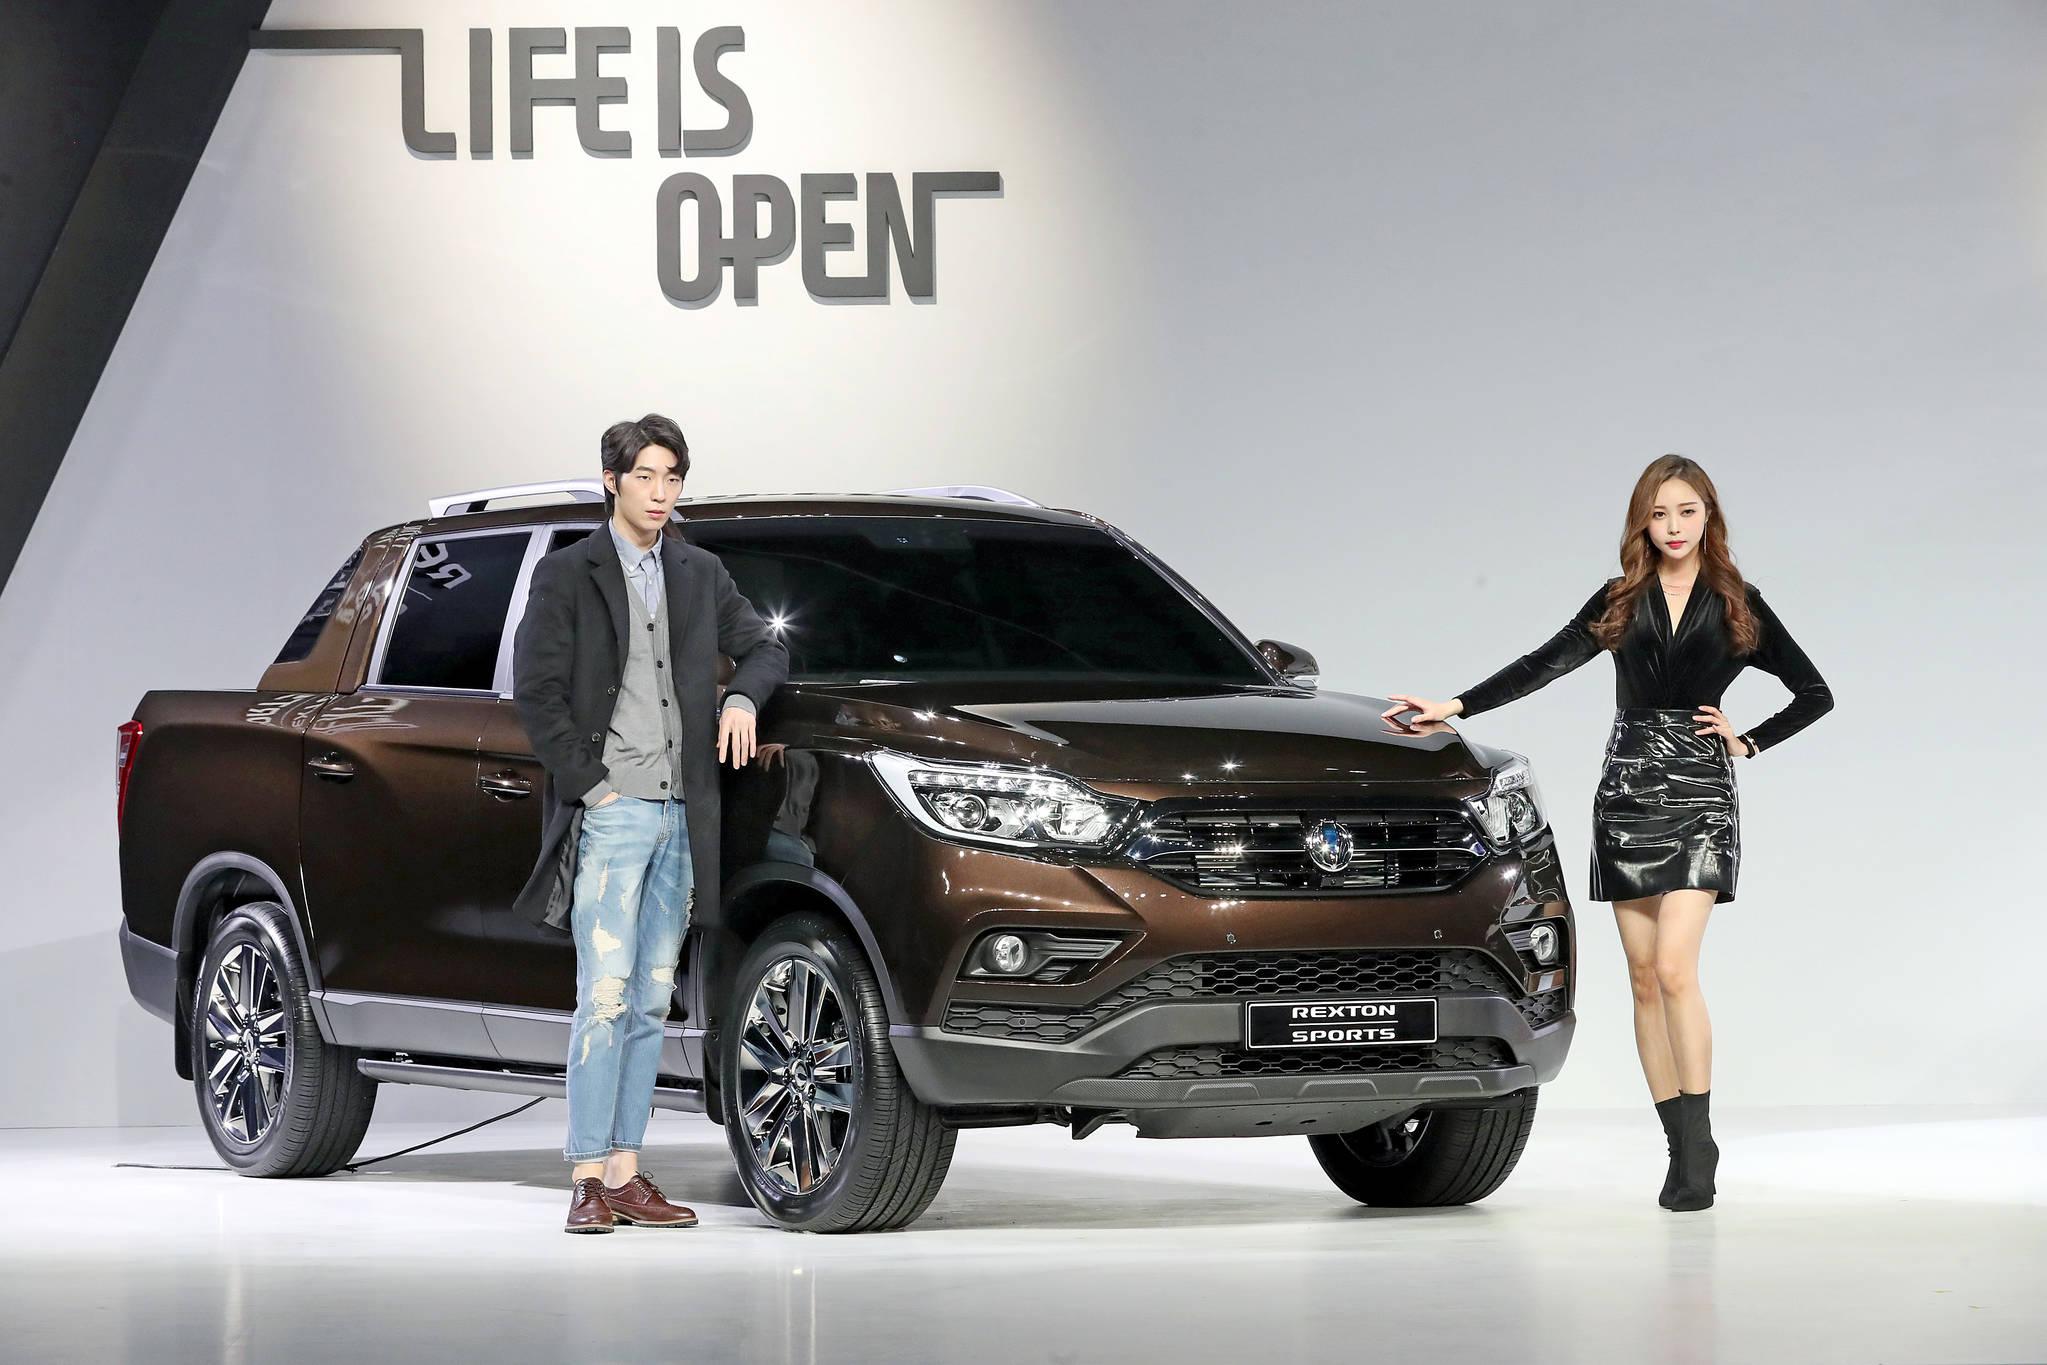 지난해 출시한 렉스턴 스포츠는 쌍용차의 4세대 픽업트럭이다. [연합뉴스]